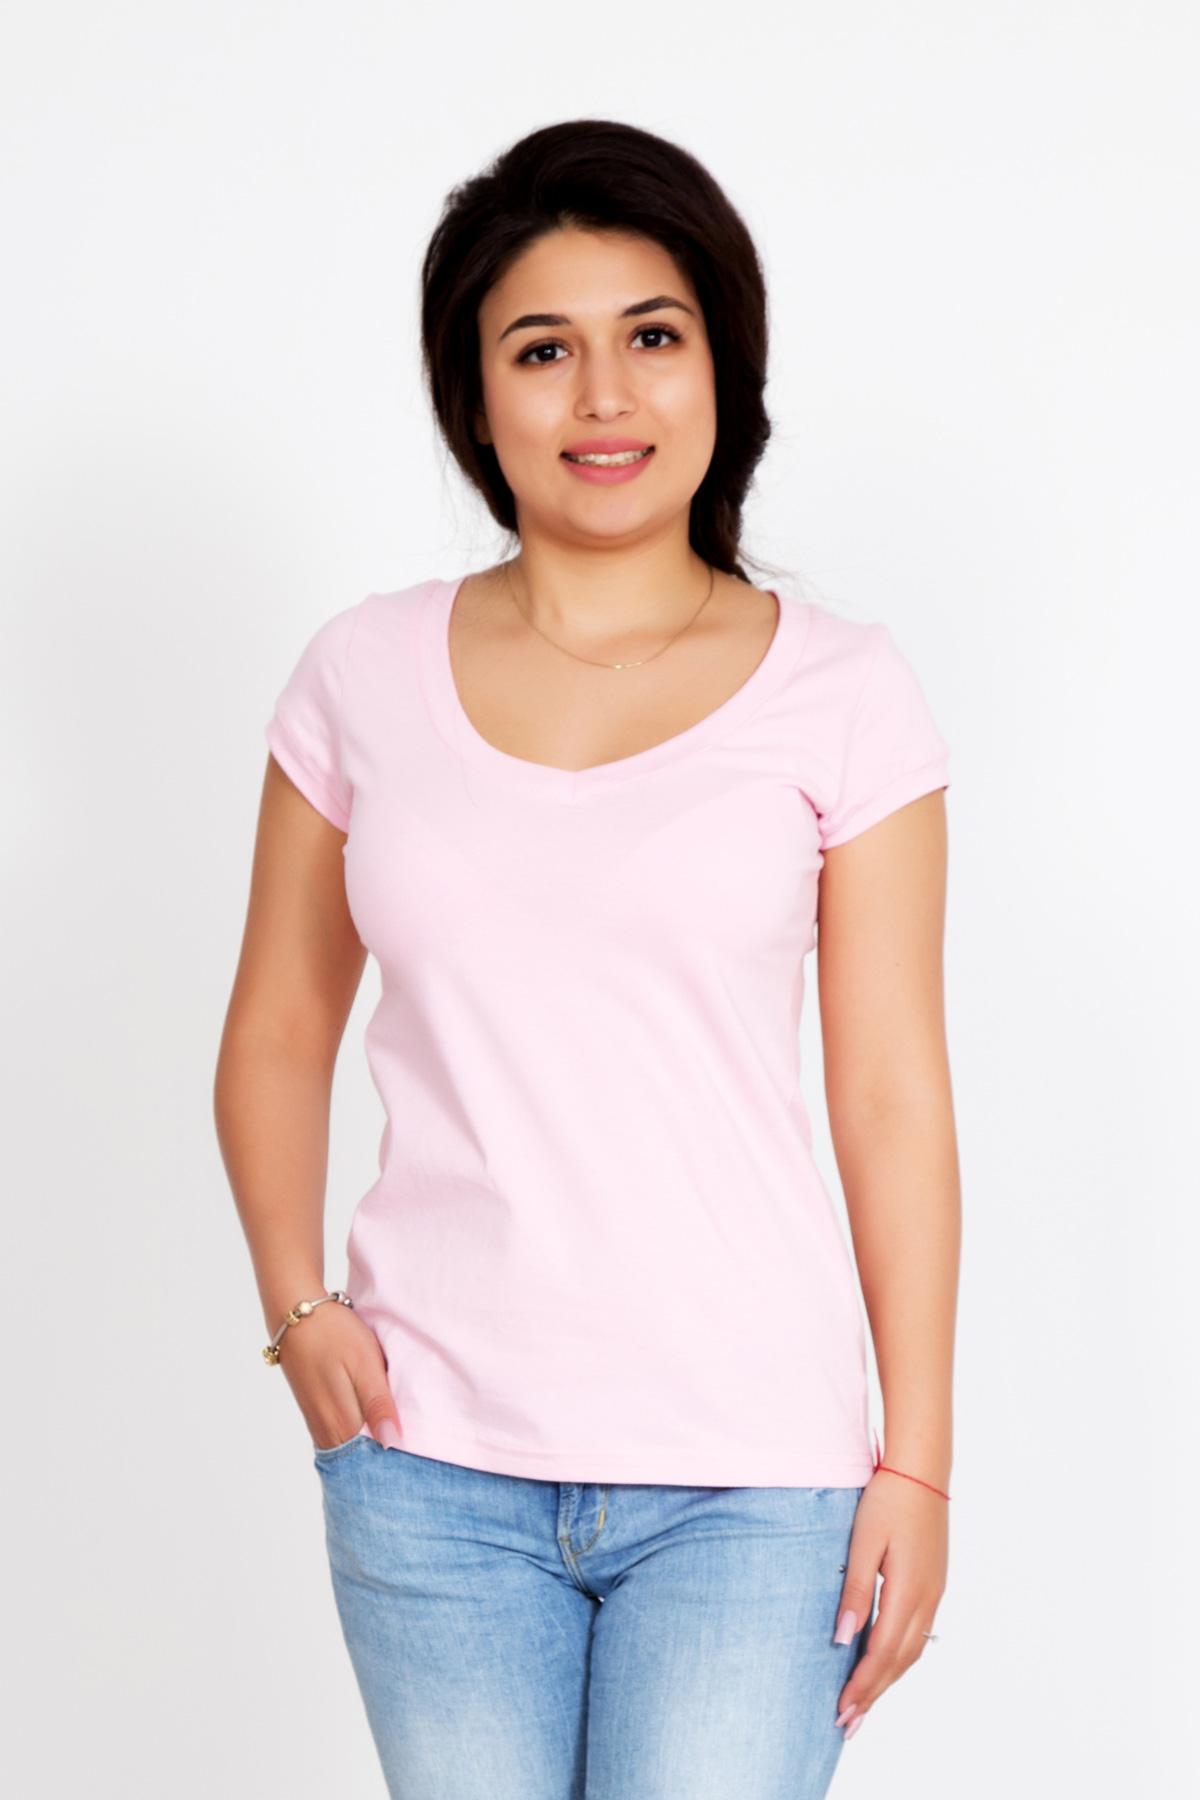 Жен. футболка Лиза Сухая роза р. 52Майки и футболки<br>Факт. ОГ: 92 см <br>Факт. ОТ: 88 см <br>Факт. ОБ: 96 см <br>Длина по спинке: 62 см<br><br>Тип: Жен. футболка<br>Размер: 52<br>Материал: Фулайкра